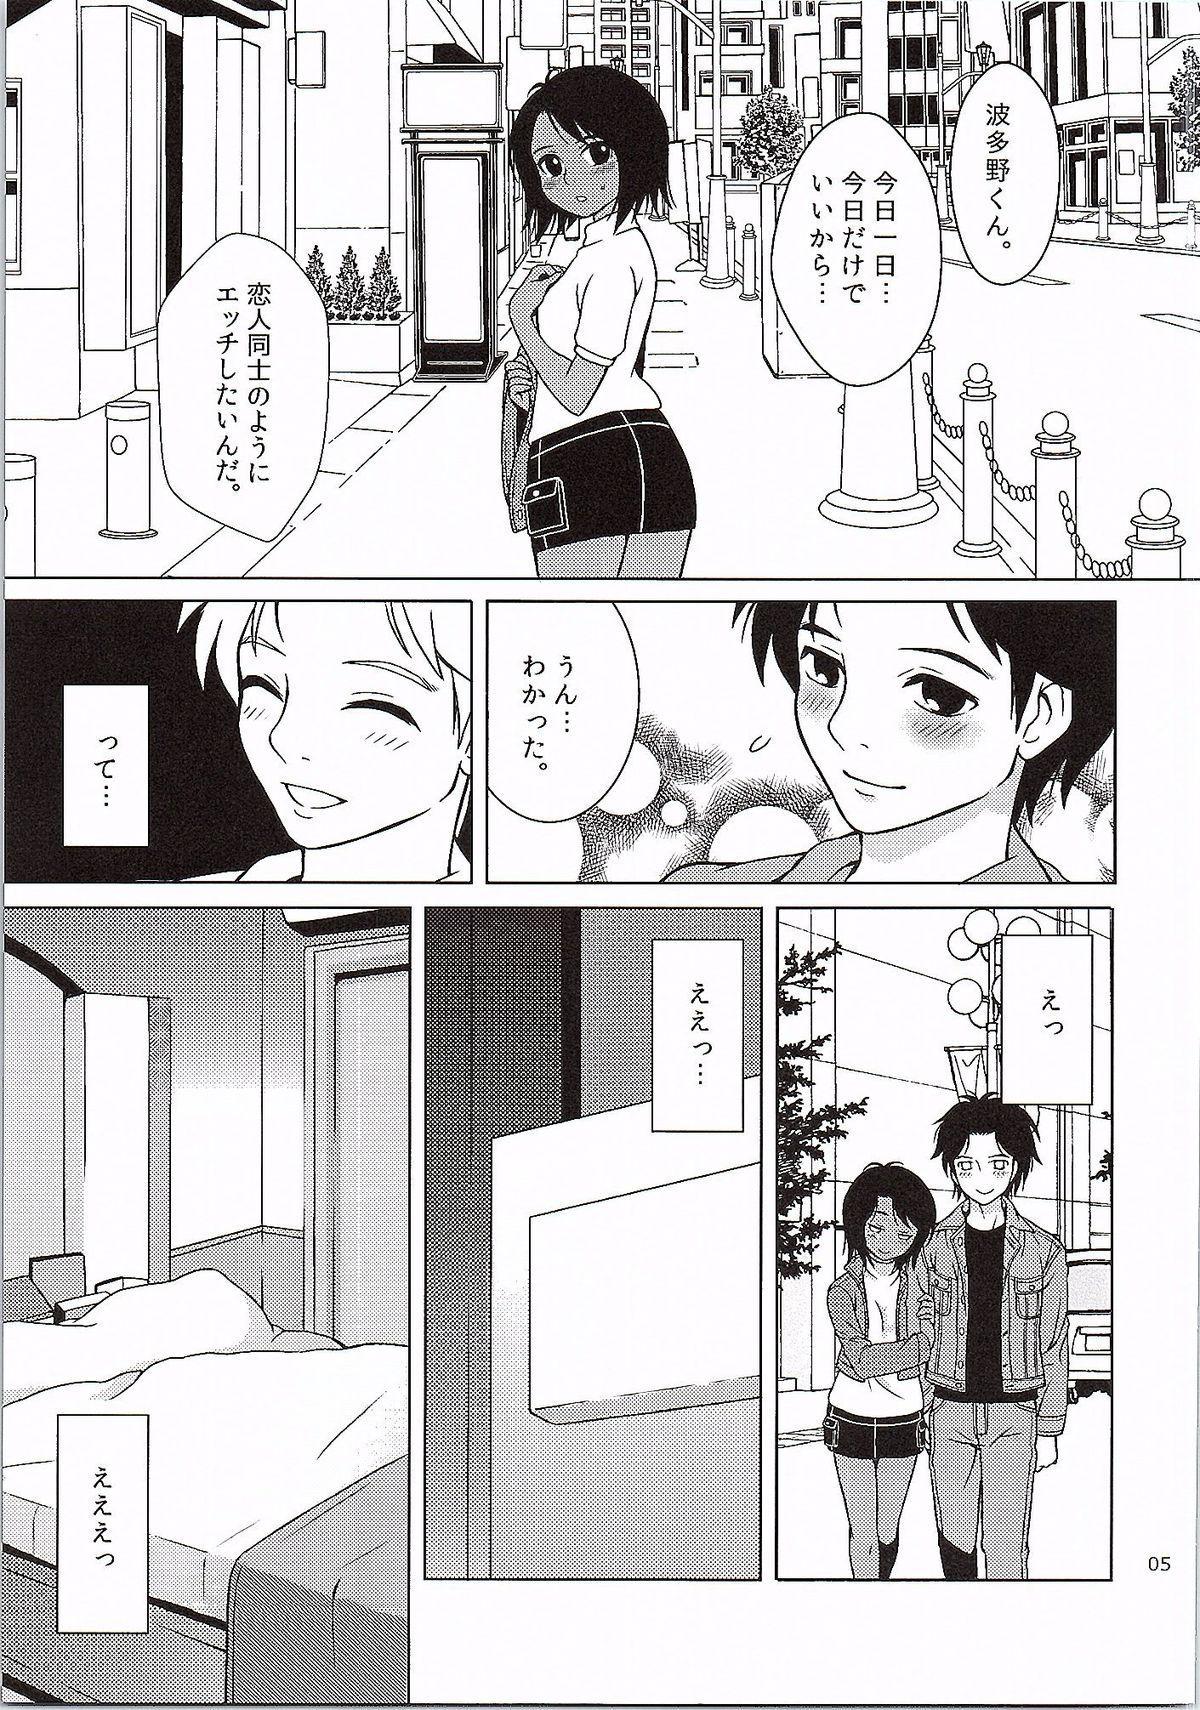 Aoshima-san to Hatano ga Saisho de Saigo no Date de Nani o Shitaka. 3